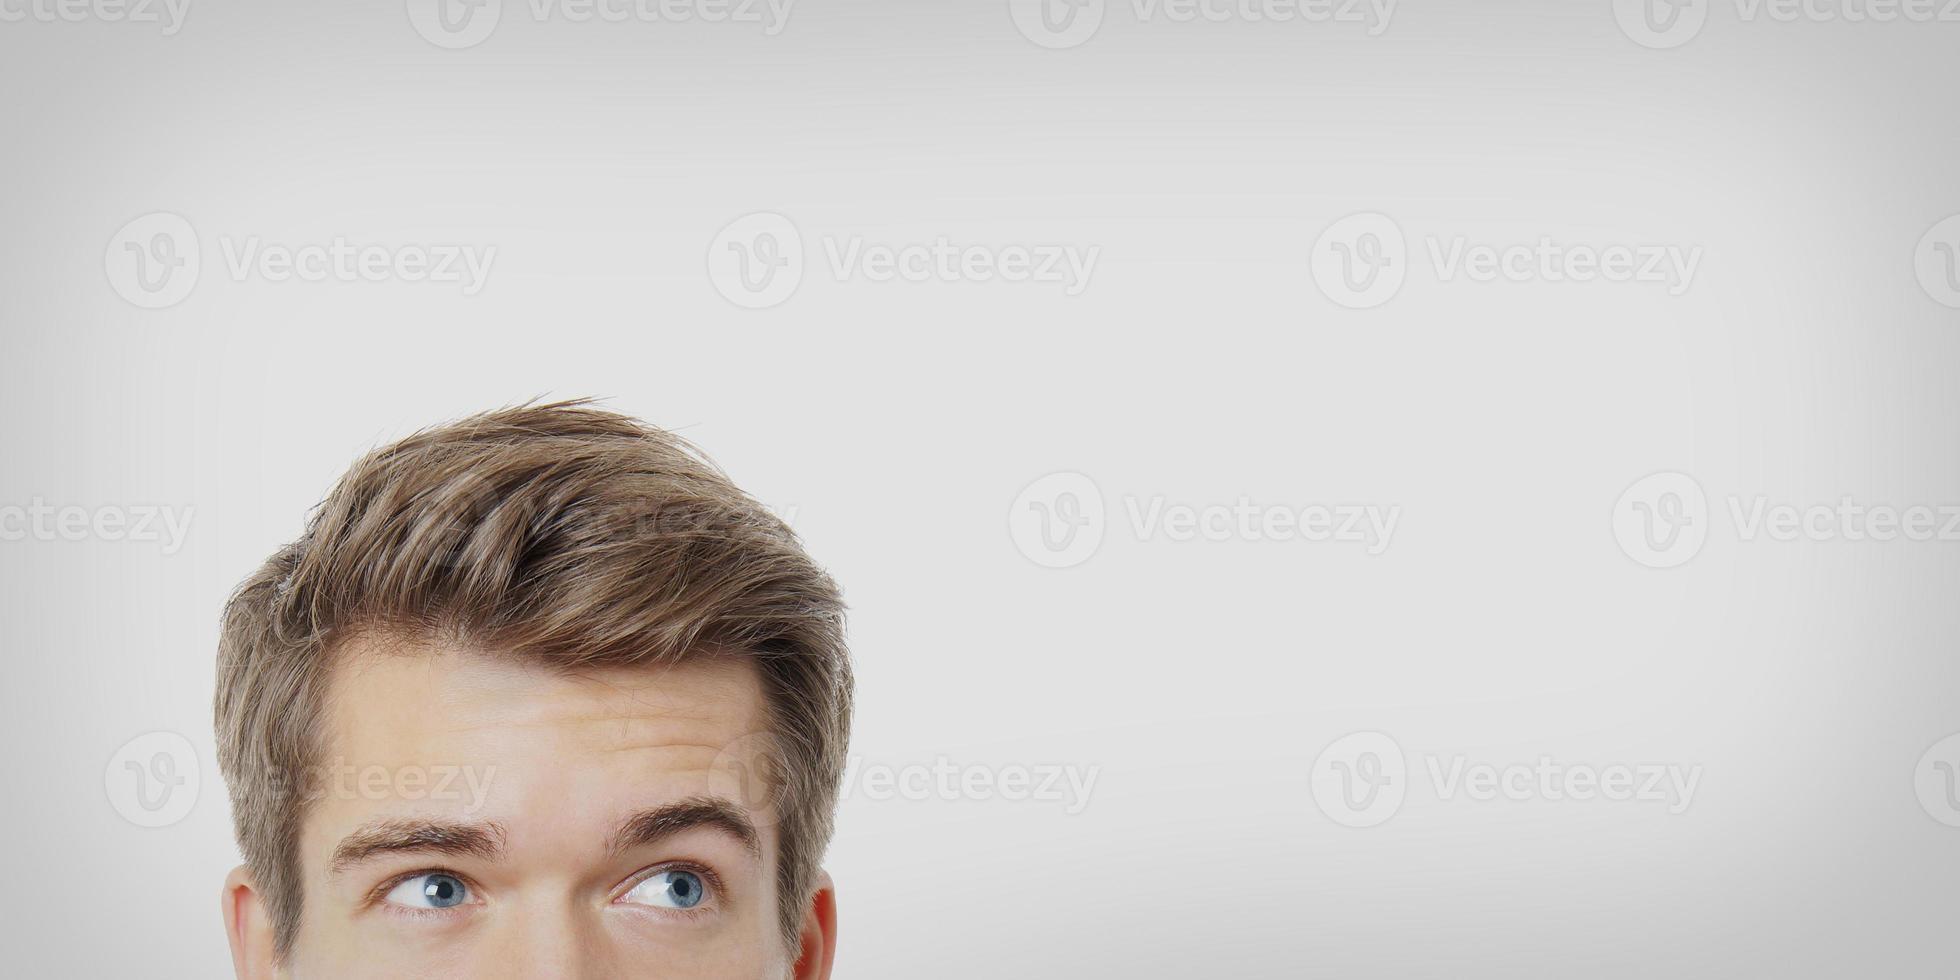 männliche Augen schauen auf foto